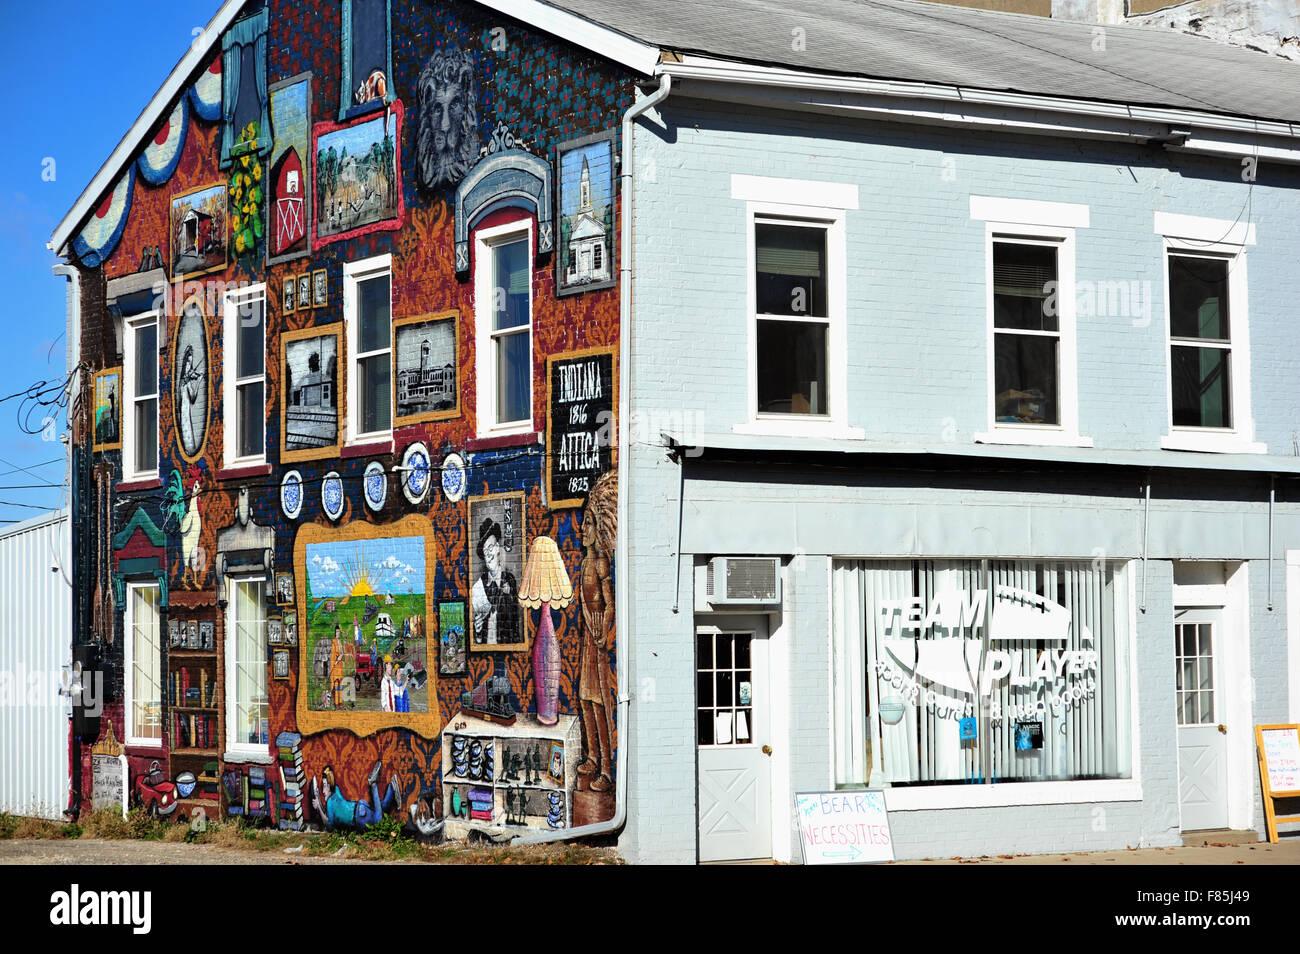 Eine künstlerische Wandgemälde mit Szenen aus der Geschichte der Gemeinde von Attica, Indiana. Die Gemeinde Stockbild